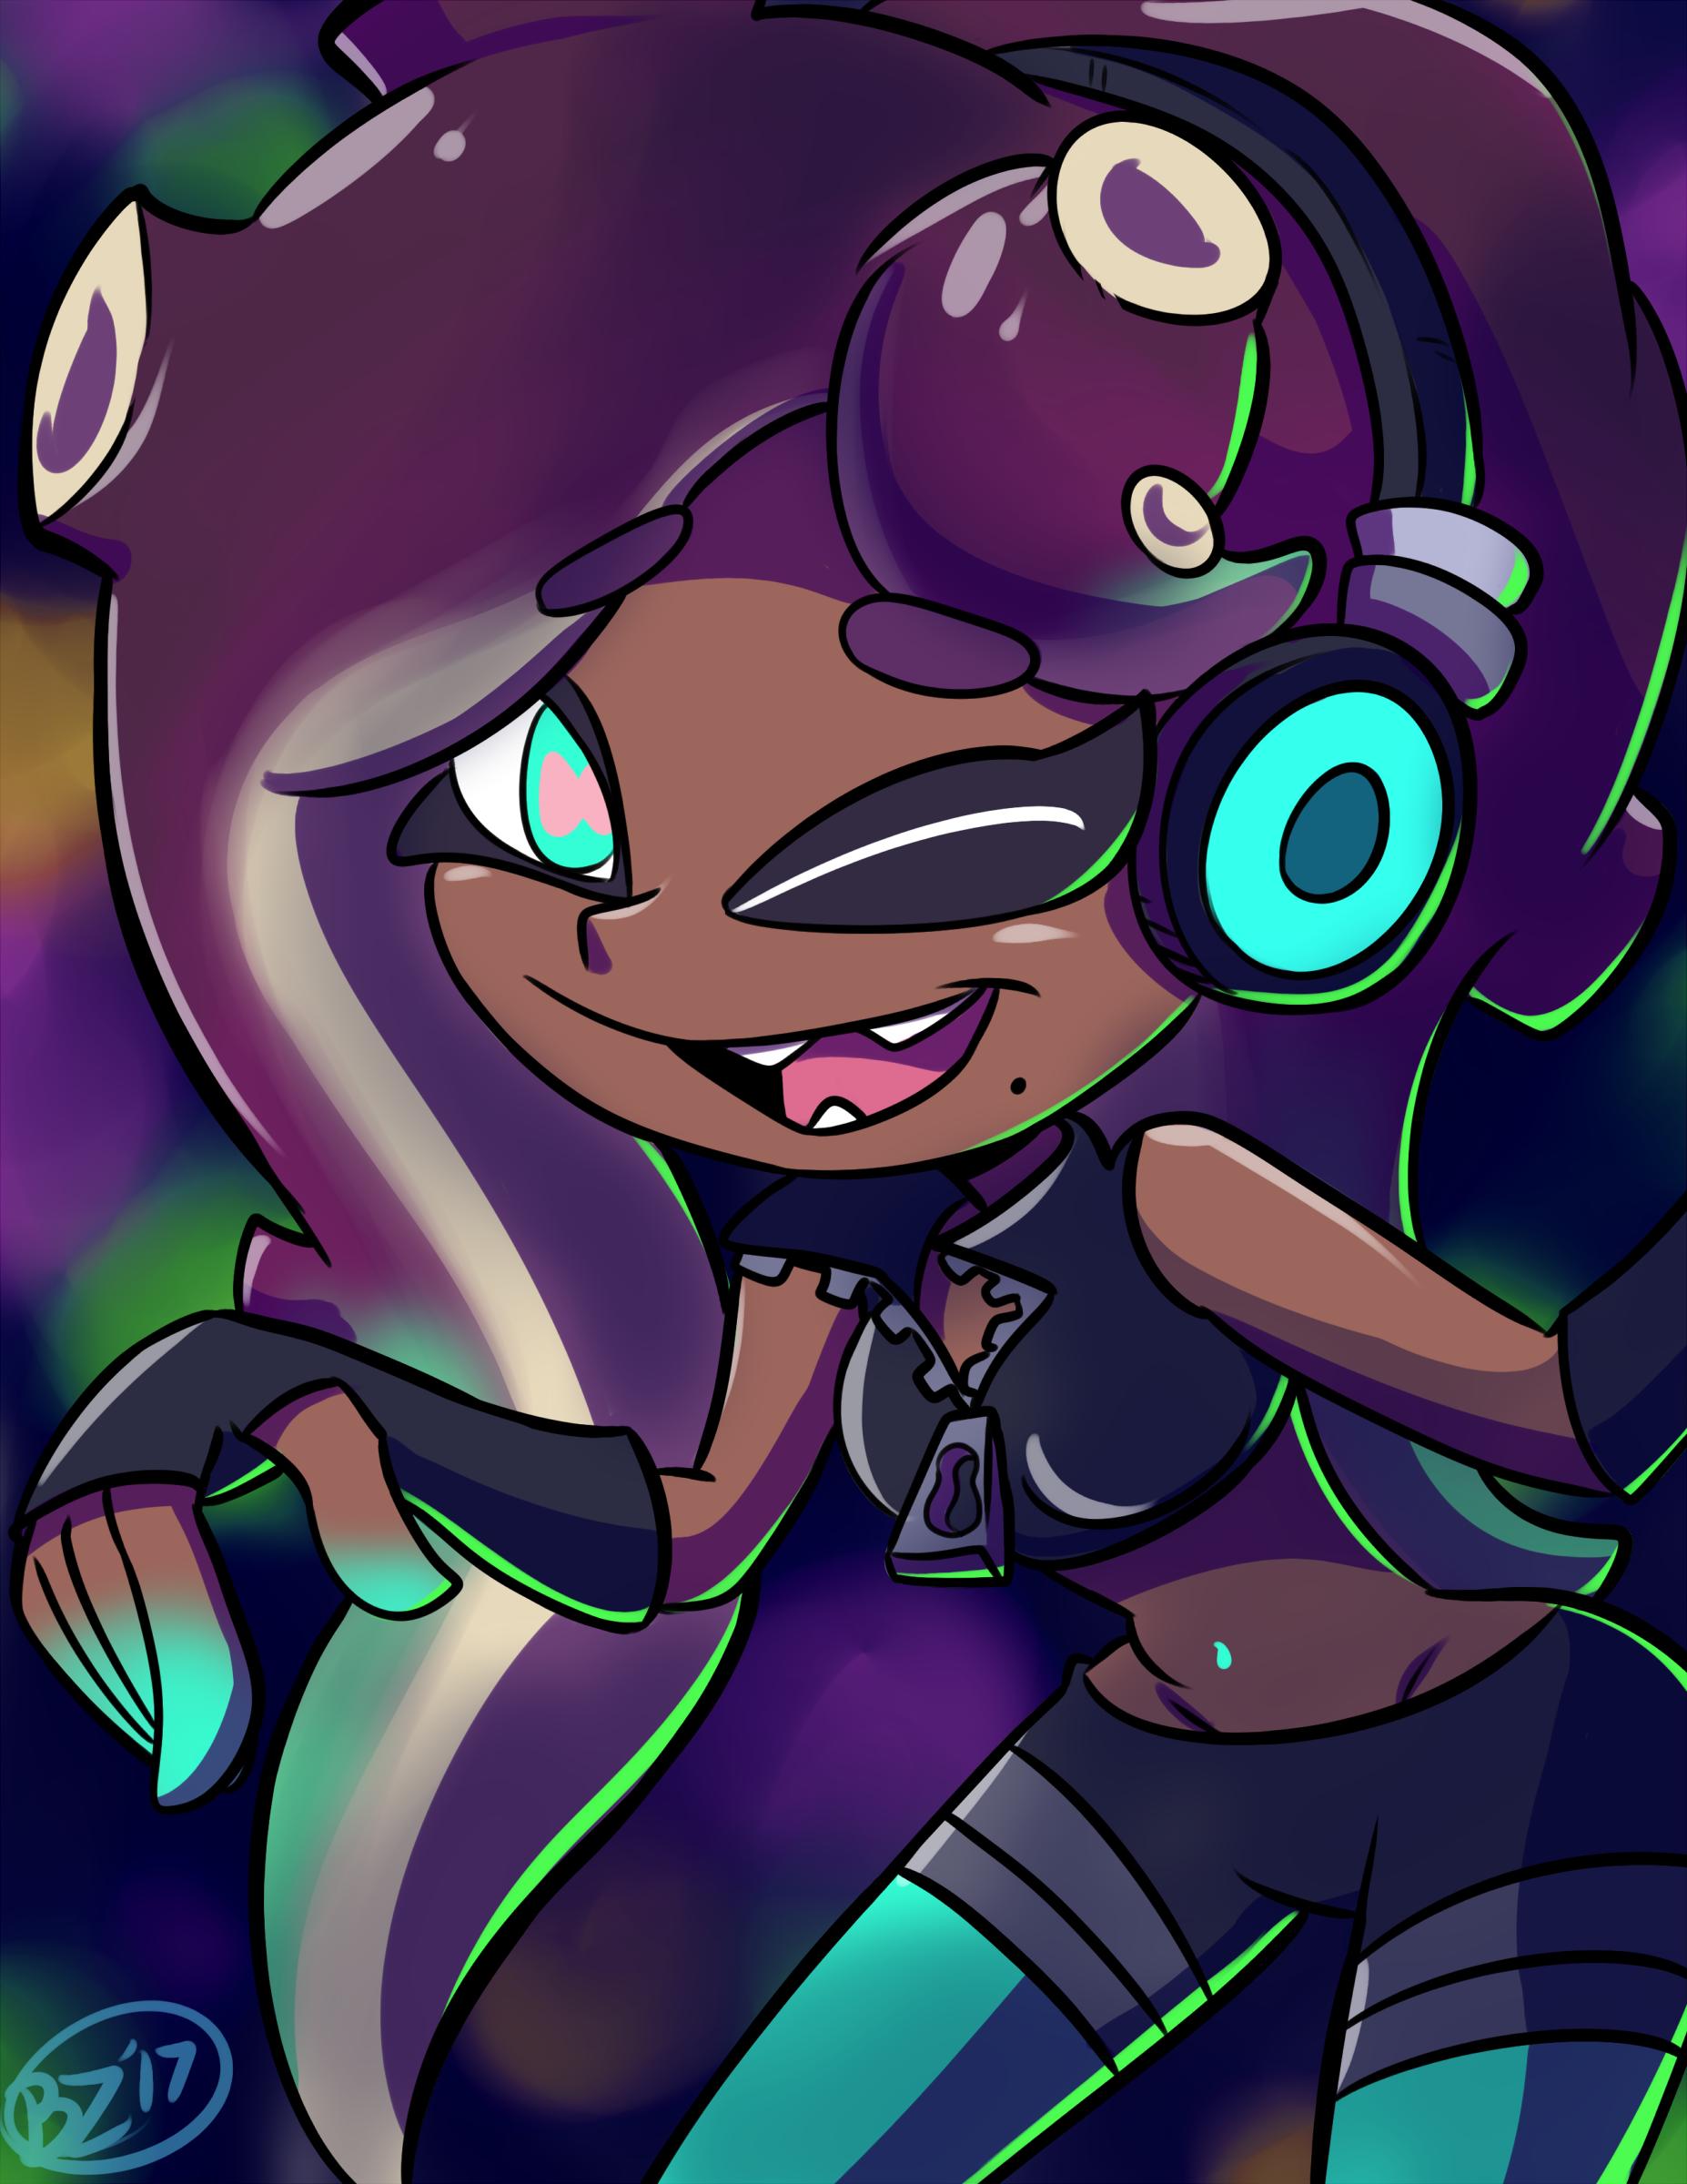 Splatoon 2: Marina